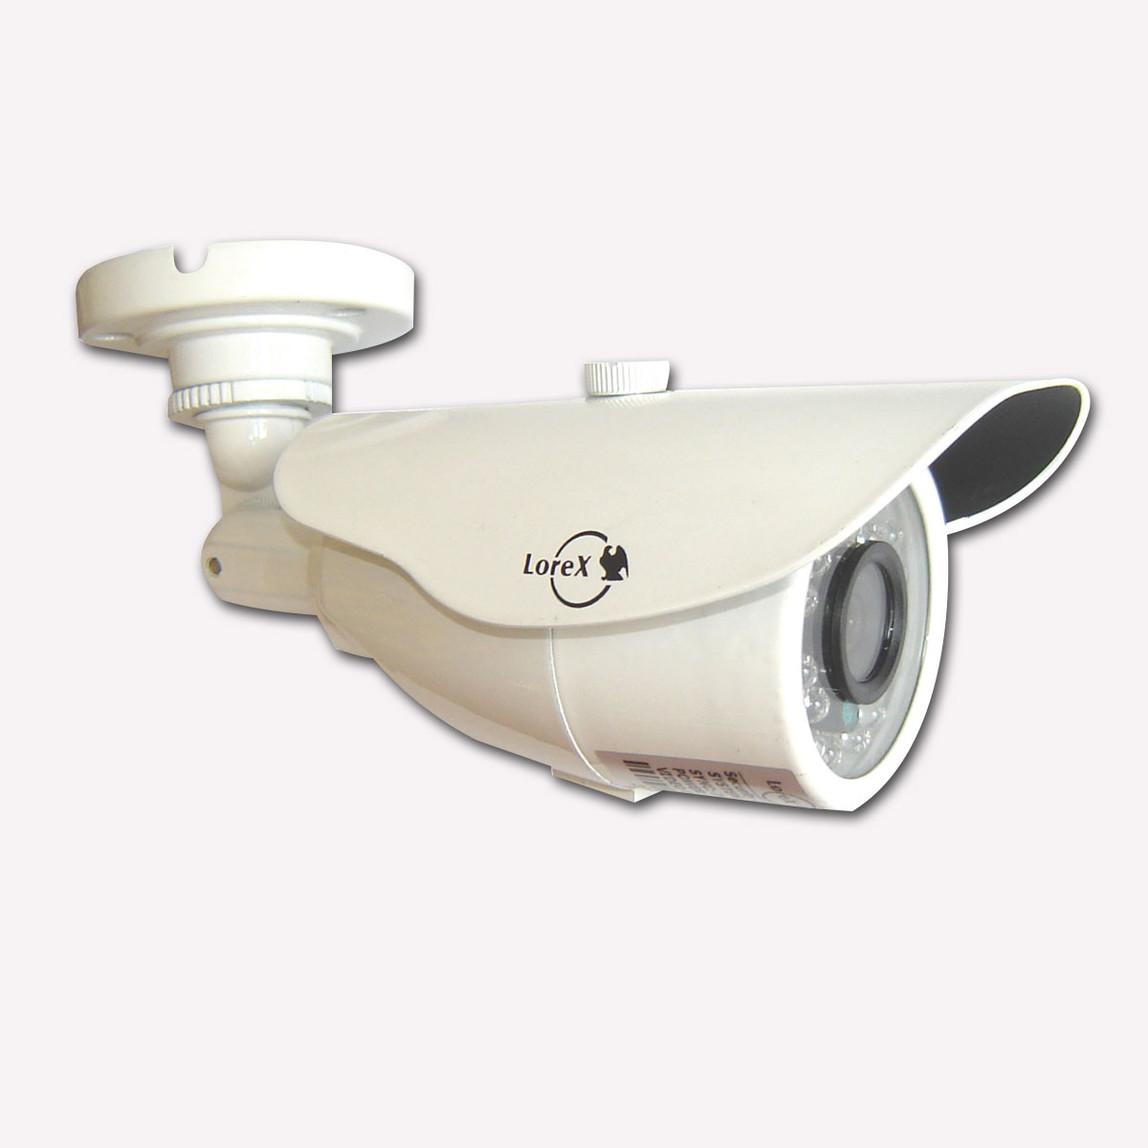 Gece Görüşlü Güvenlik Kamerası LR-ABT127